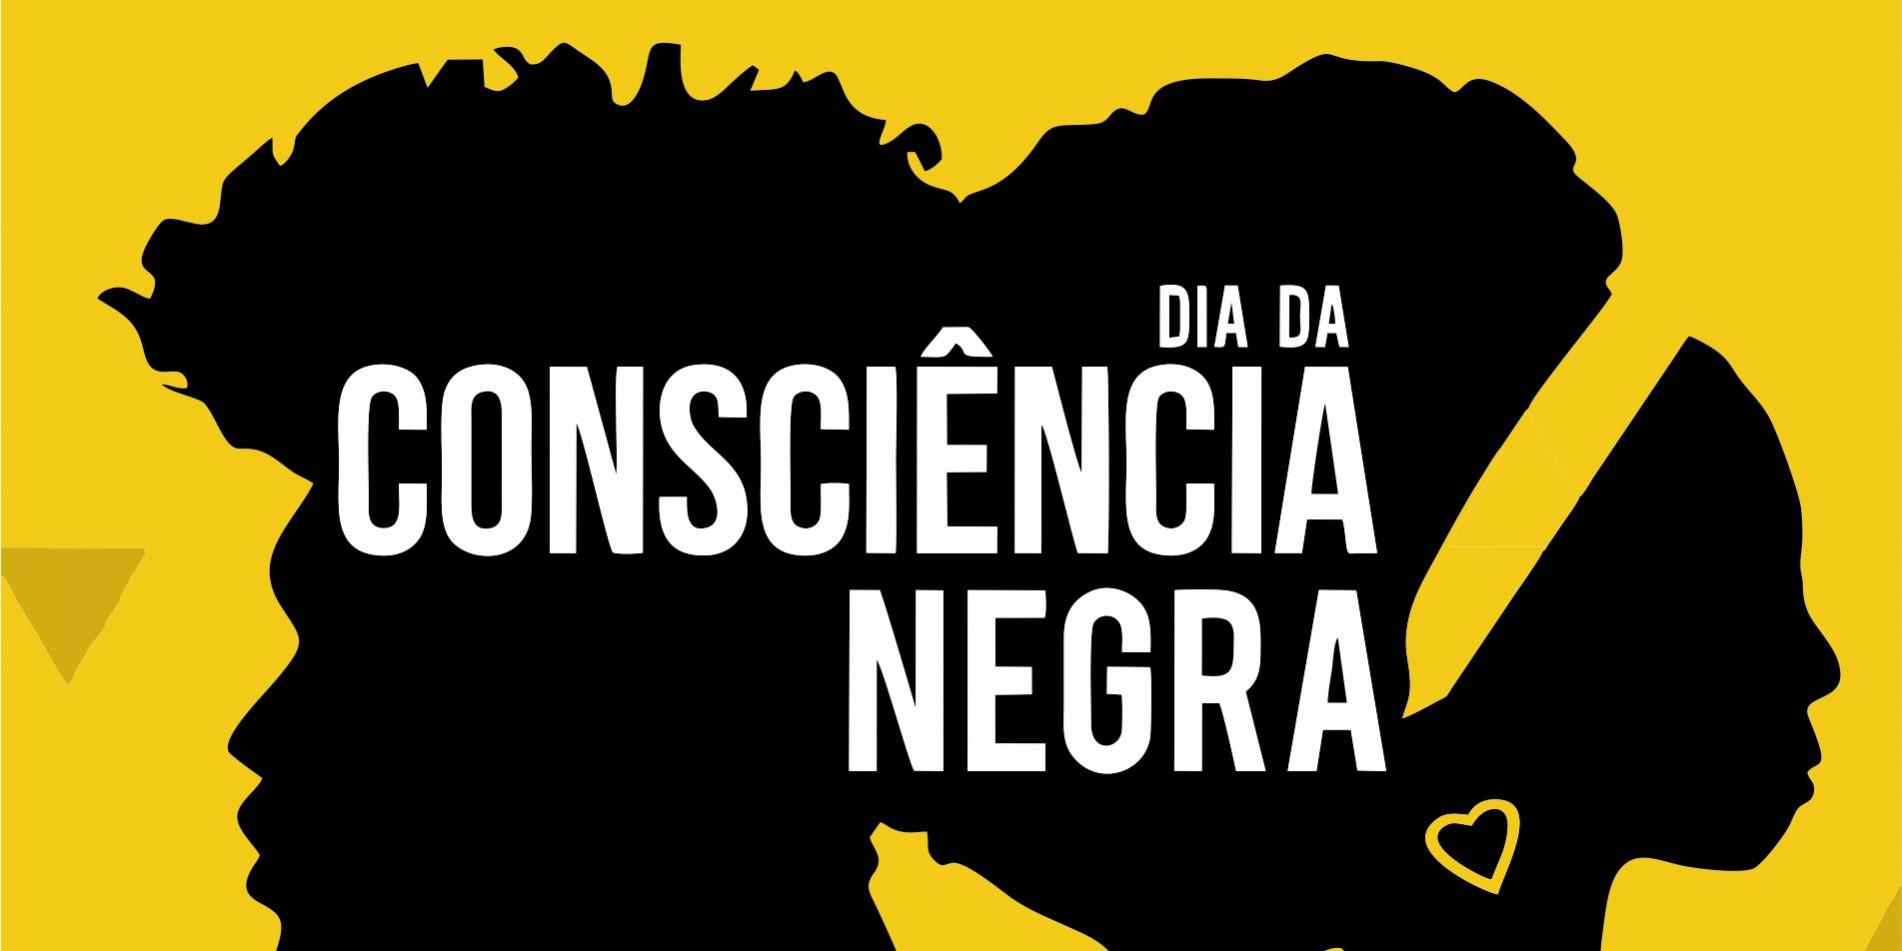 O antirracismo constrói um amanhã de igualdade, justiça, amor e sonhos